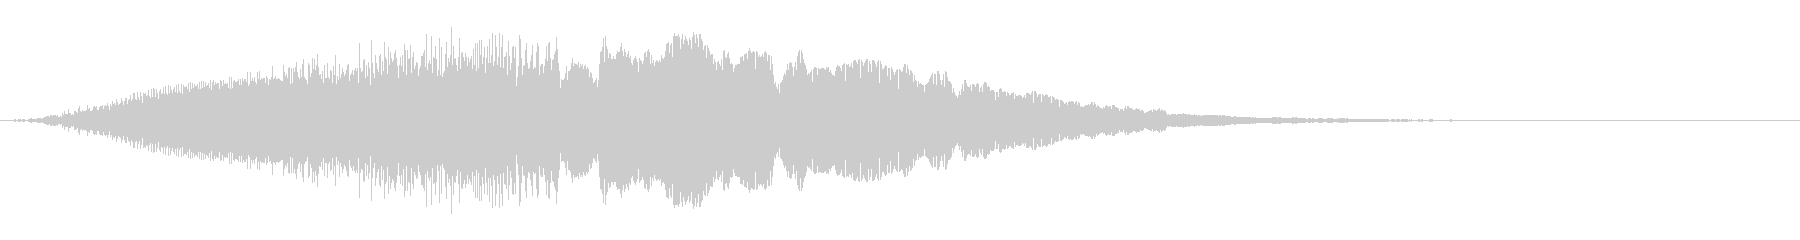 上昇していく効果音、レーザー音 低めの未再生の波形